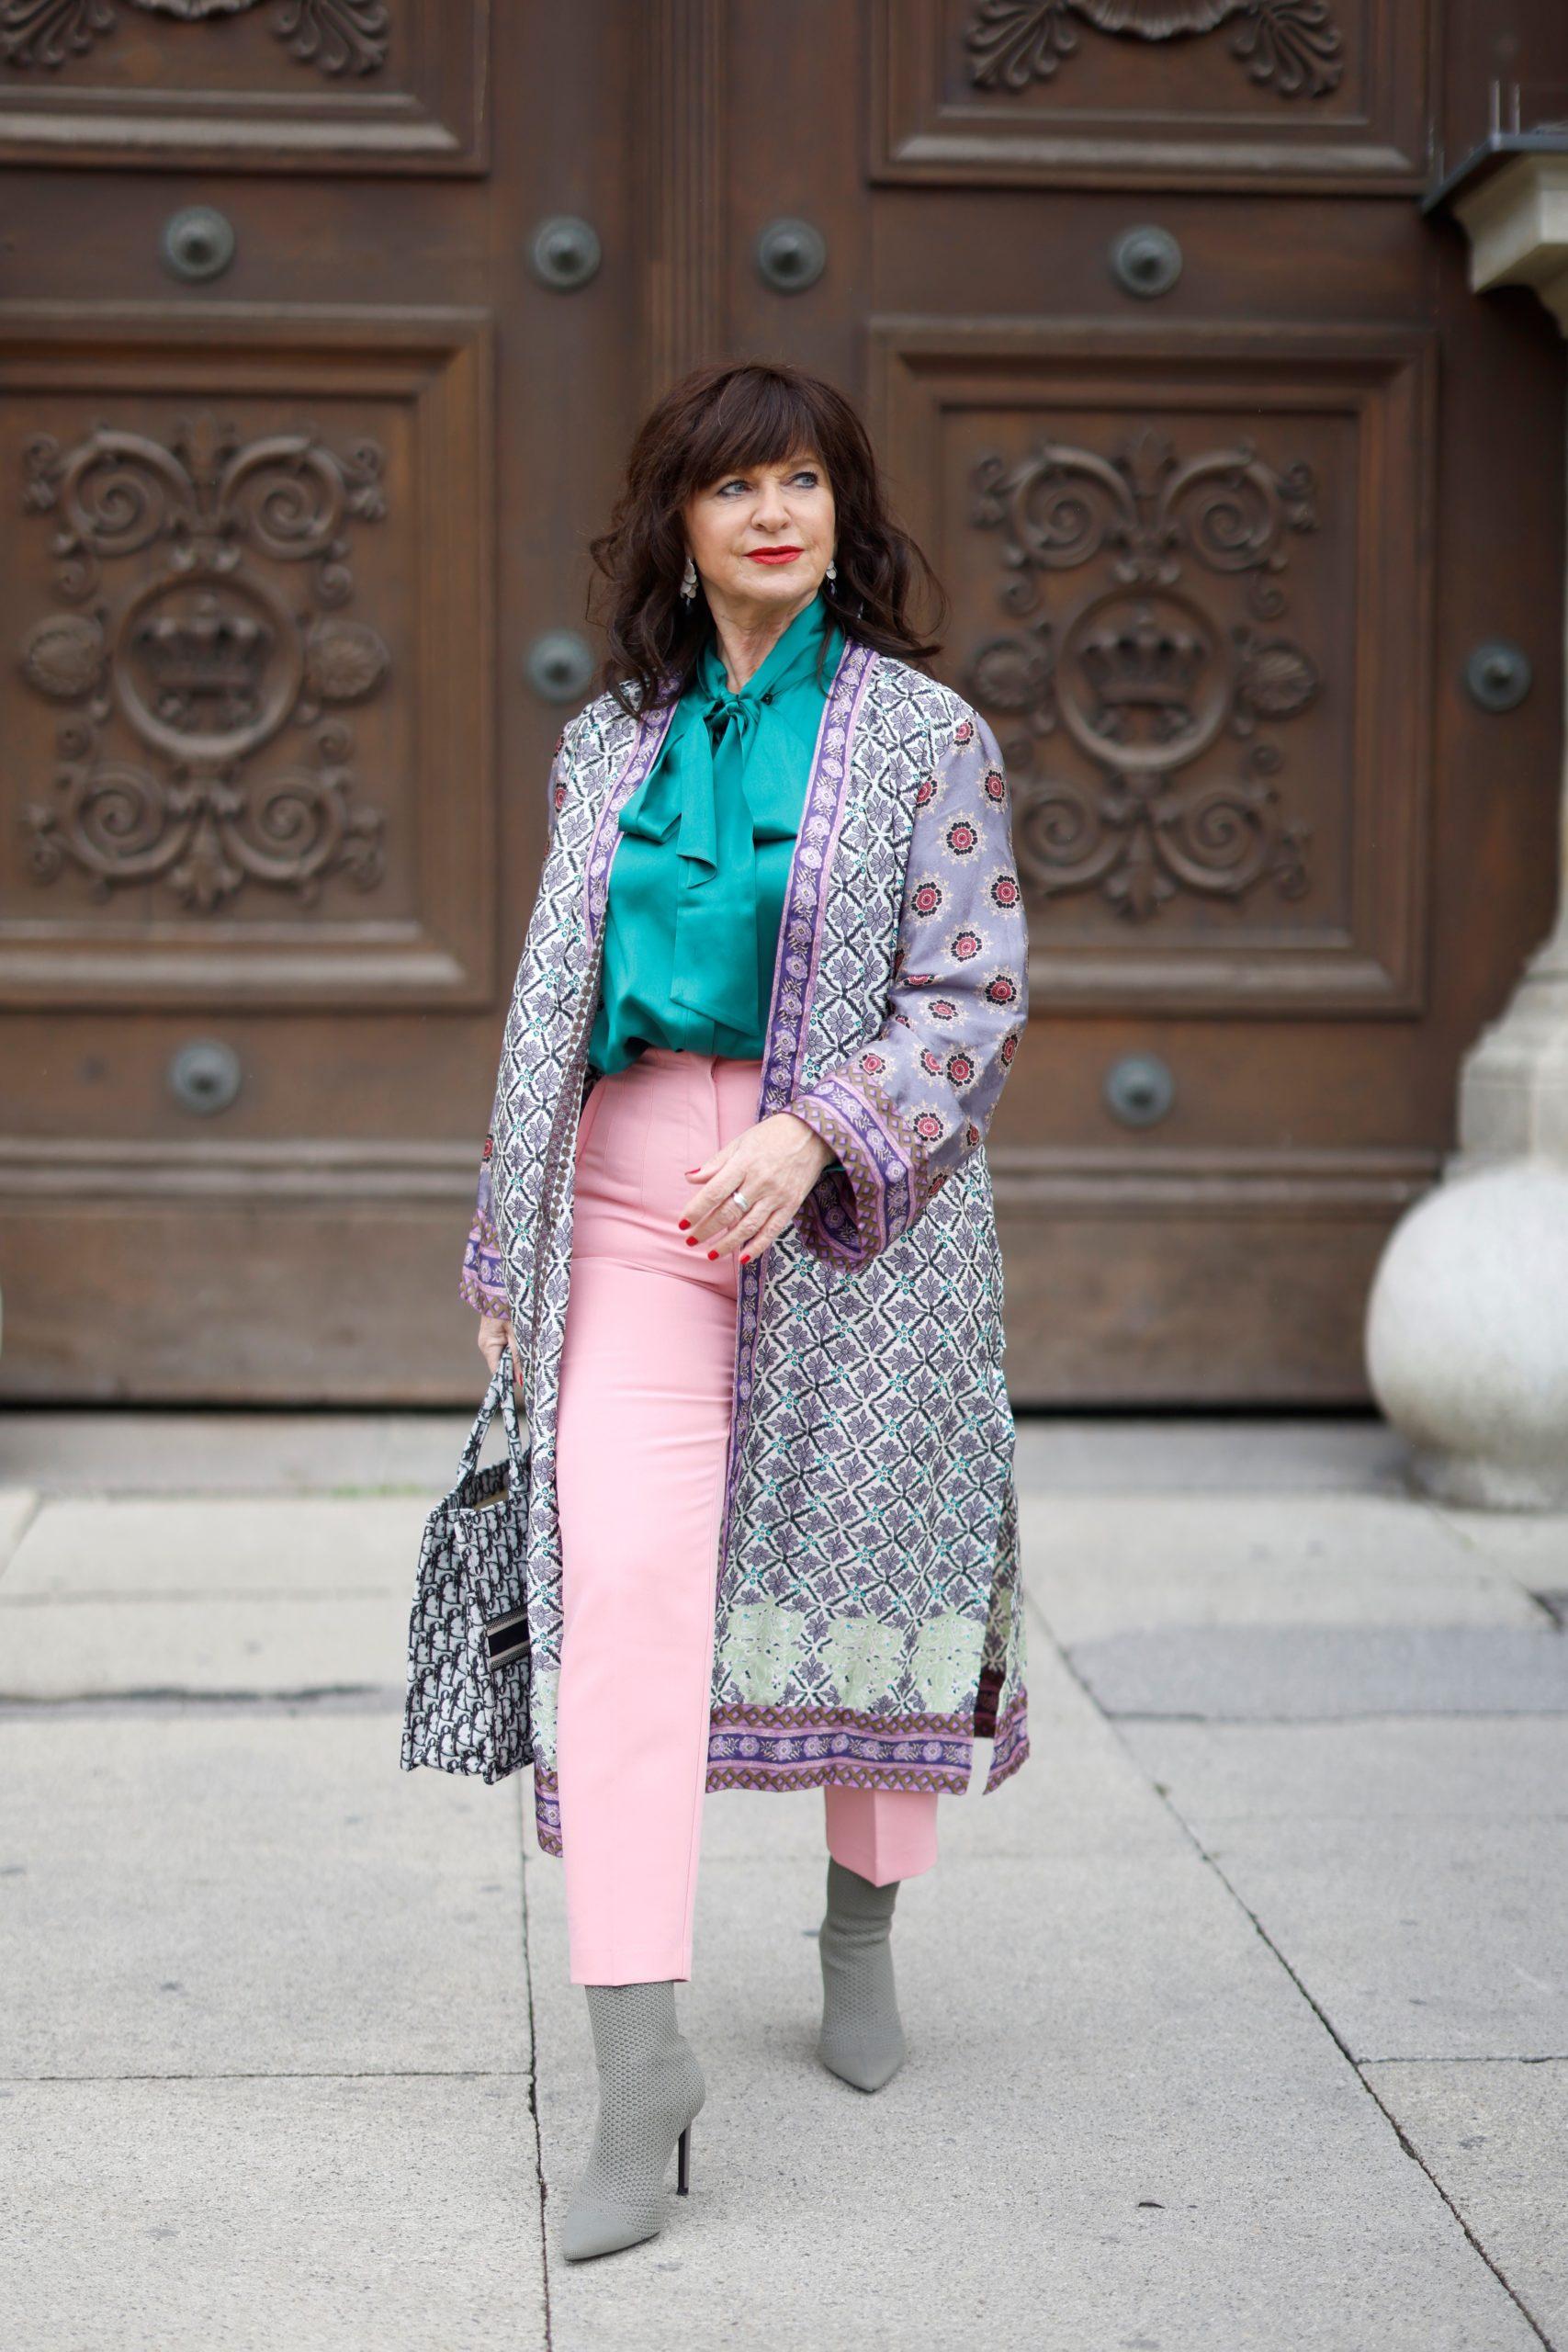 Streetstyle mit Kimono Frauen 50plus